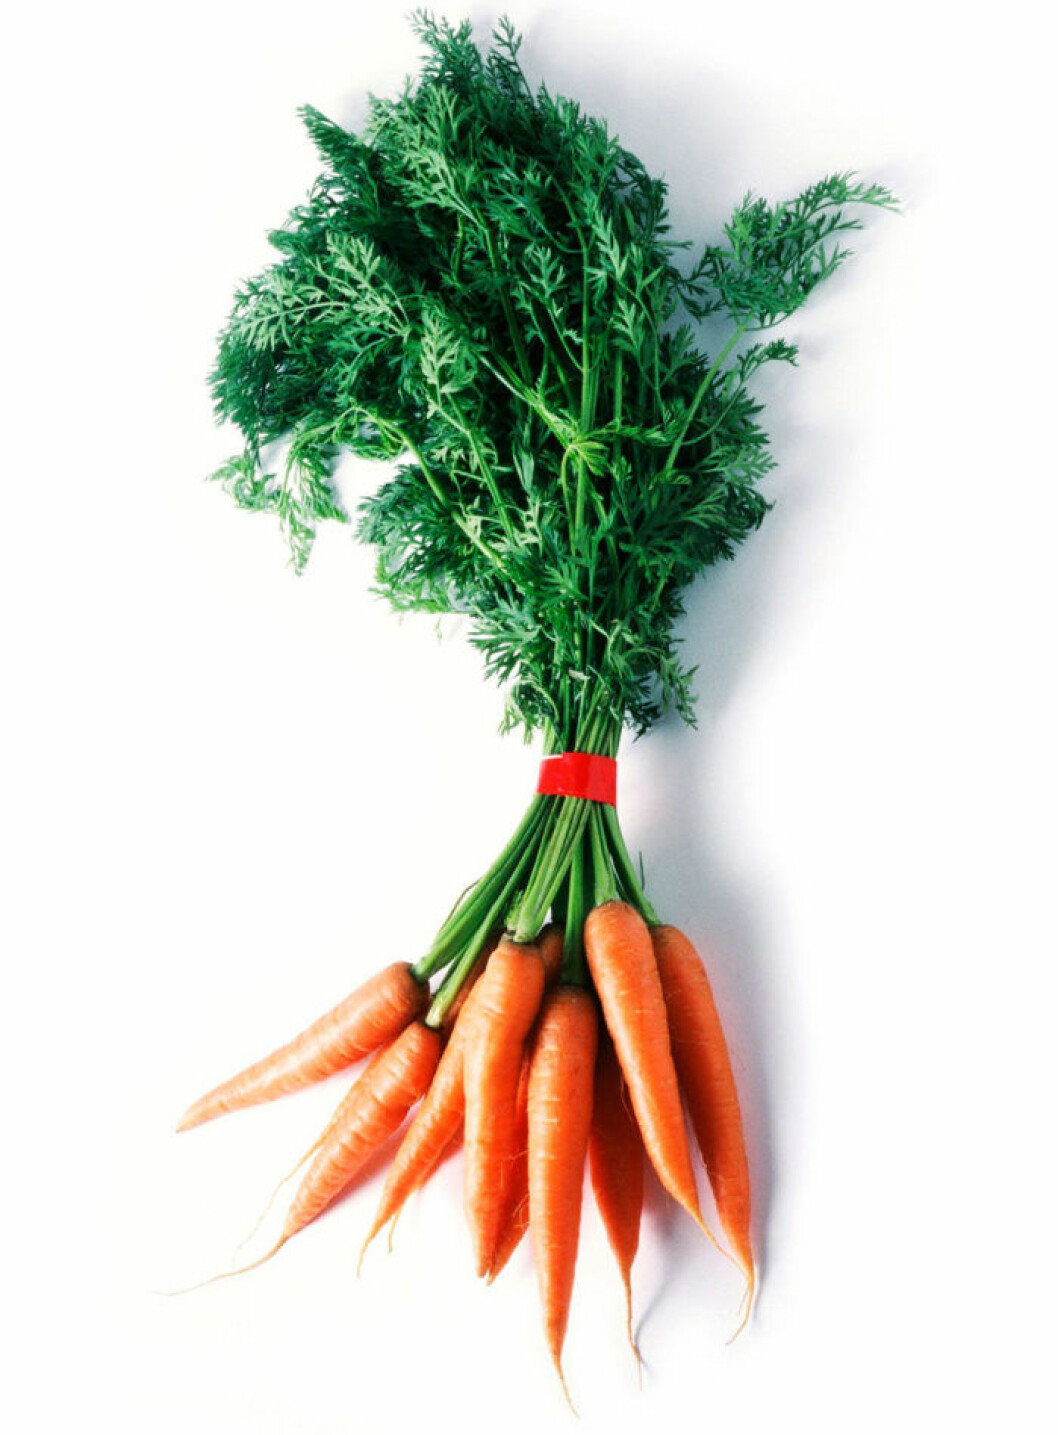 Morot. Moroten är rik på energigivande socker och vitaminerna B, C, D och E och är ett bra tillskott vid kraftlöshet och vitaminbrist. Den är också full av det gulröda färgämnet karoten, som i kroppen omvandlas till A-vitamin – ett viktigt vitamin som förebygger grå starr och ger bättre syn. Bäst är att äta den rå och oskalad så behåller den alla nyttigheter.